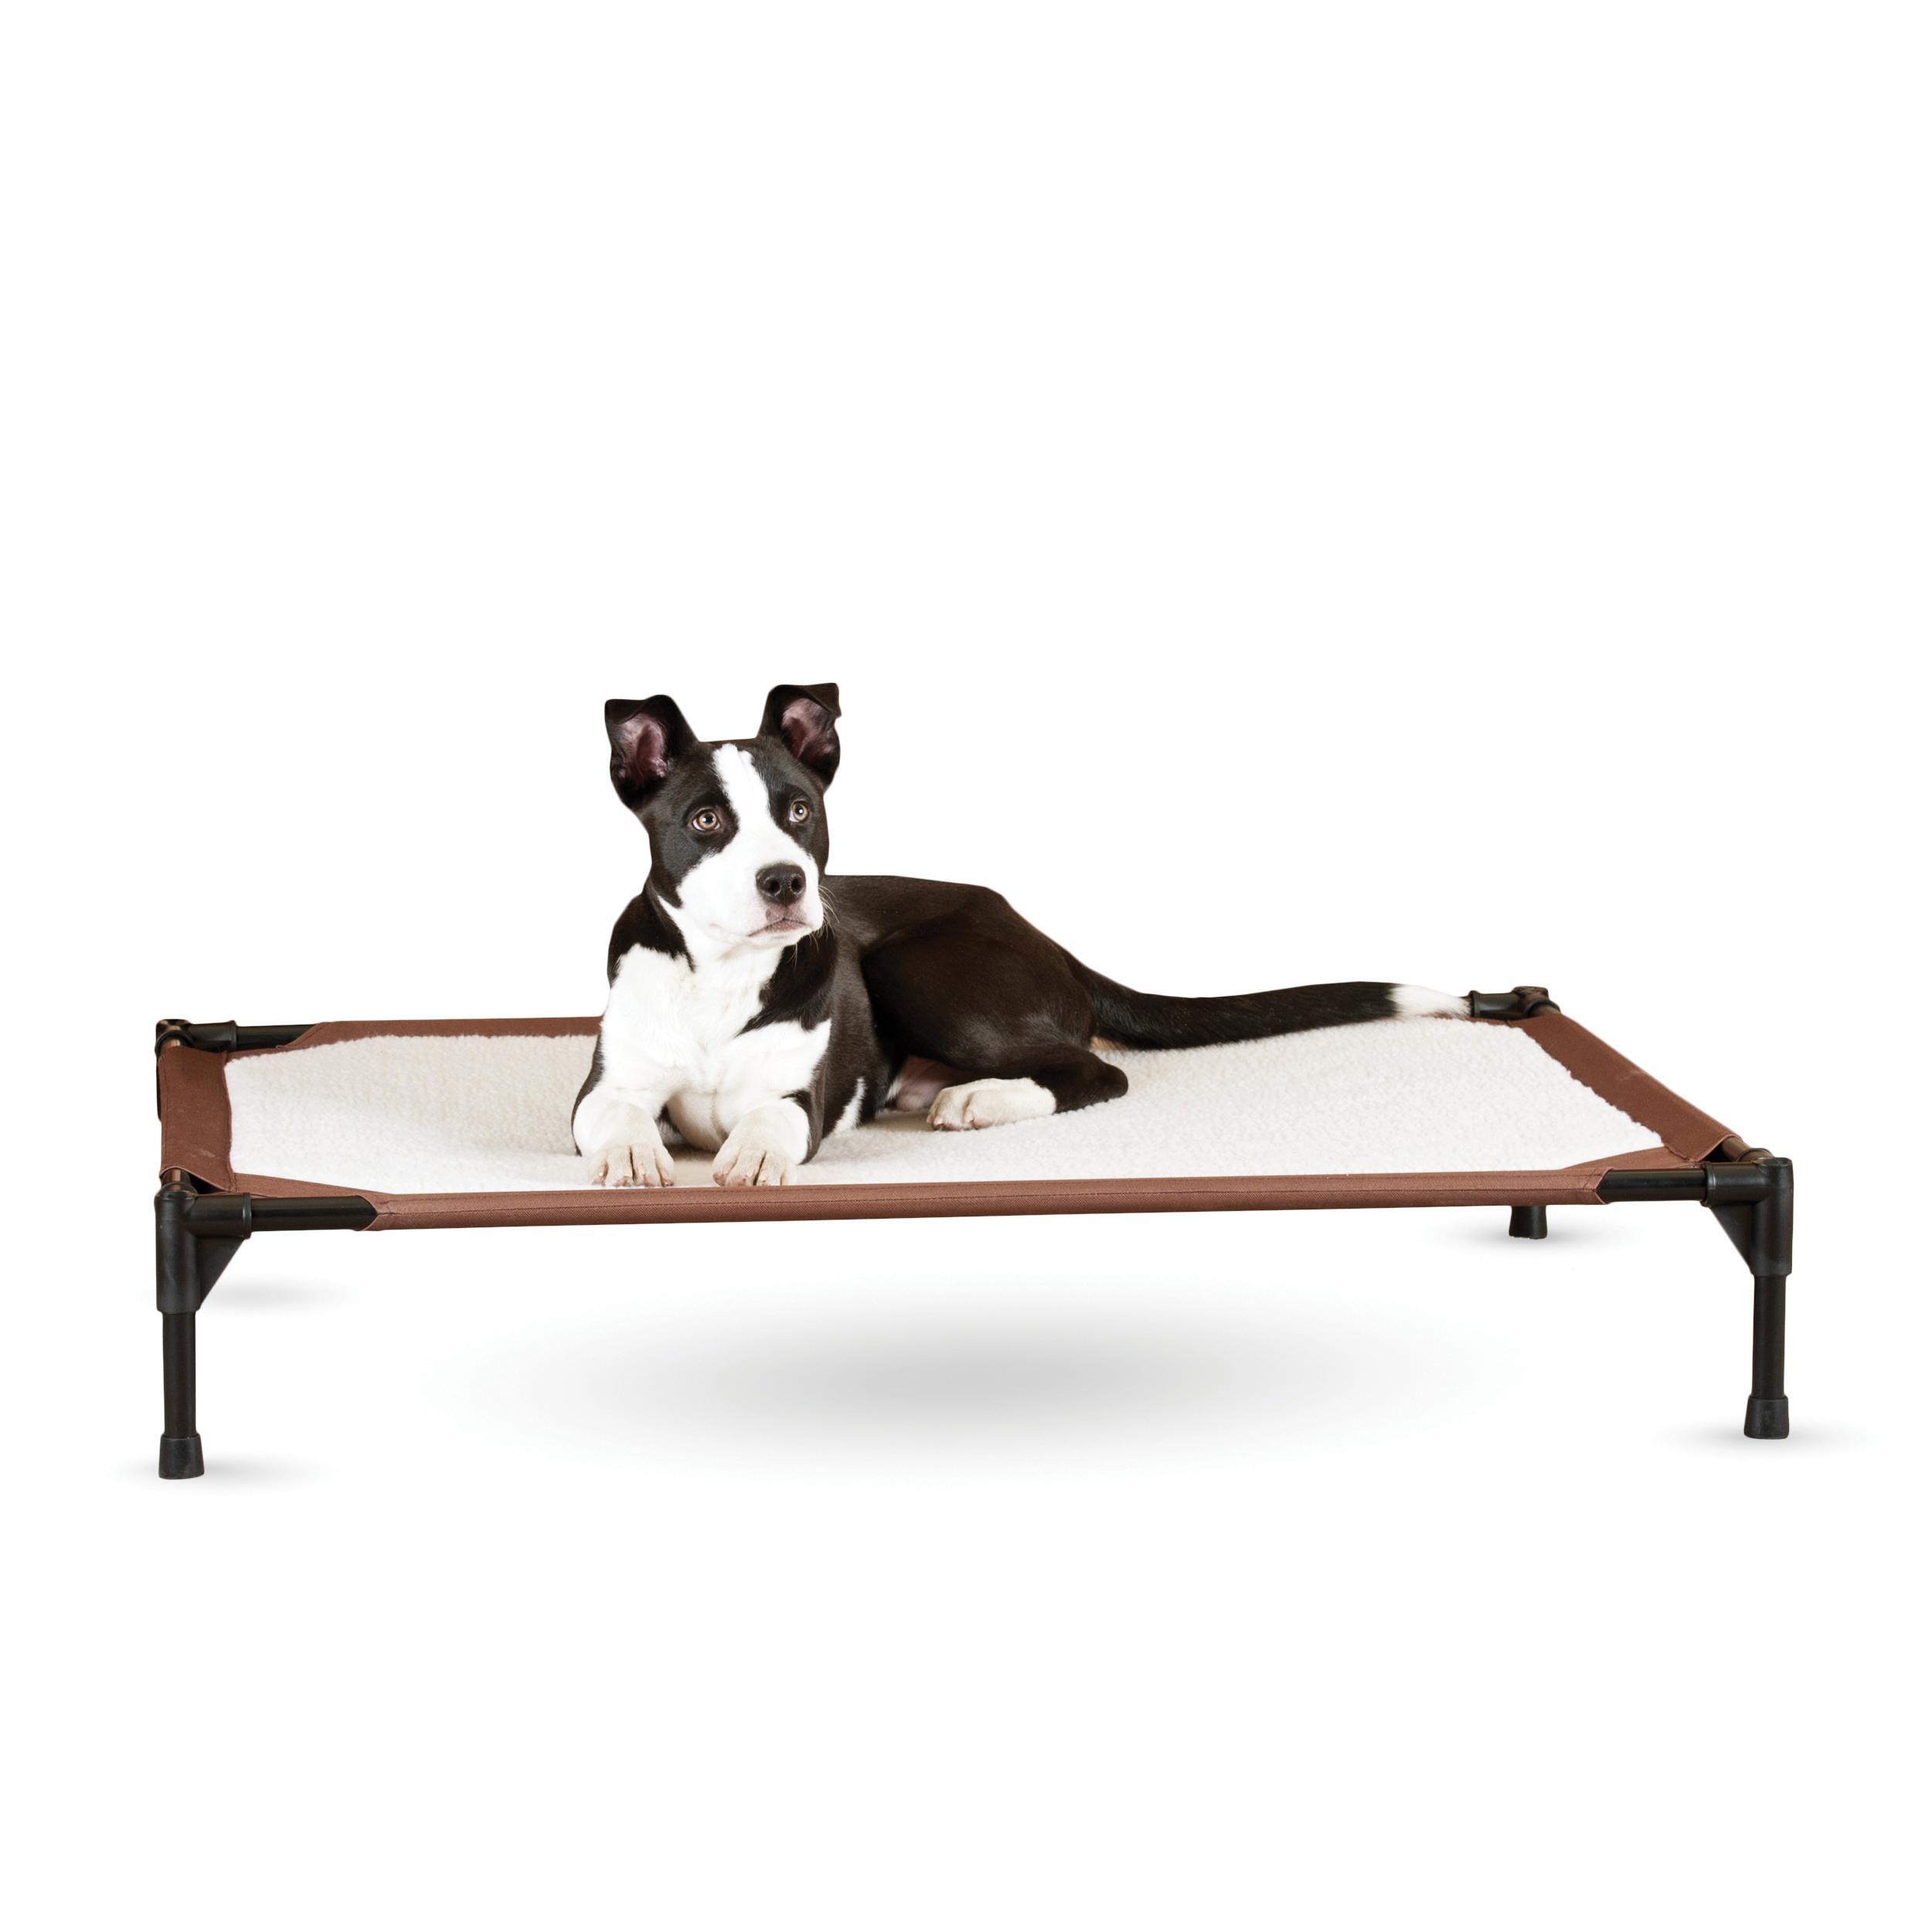 Amazon.com: K&H Pet Products Original Pet Cot Replacement